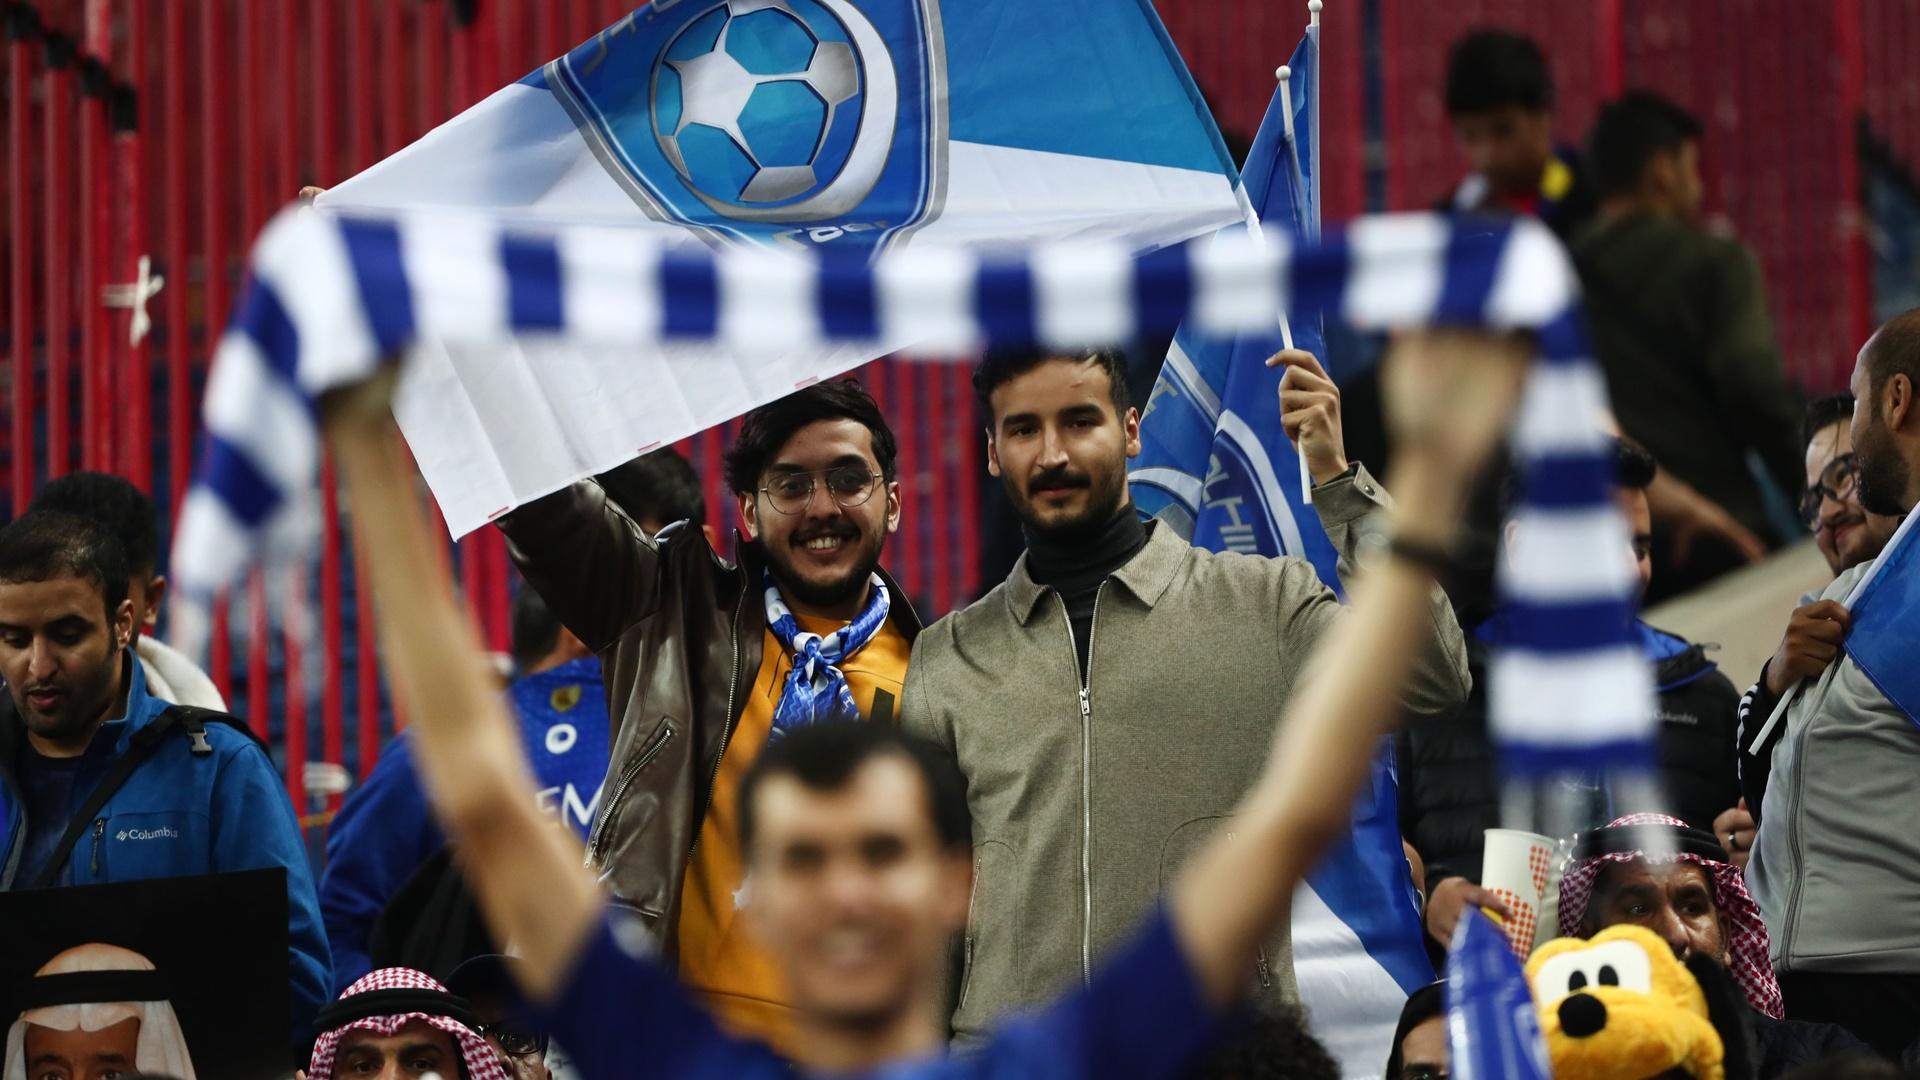 الهلال السعودي يتوج بطلا لدوري أبطال آسيا للمرة الثالثة في تاريخه